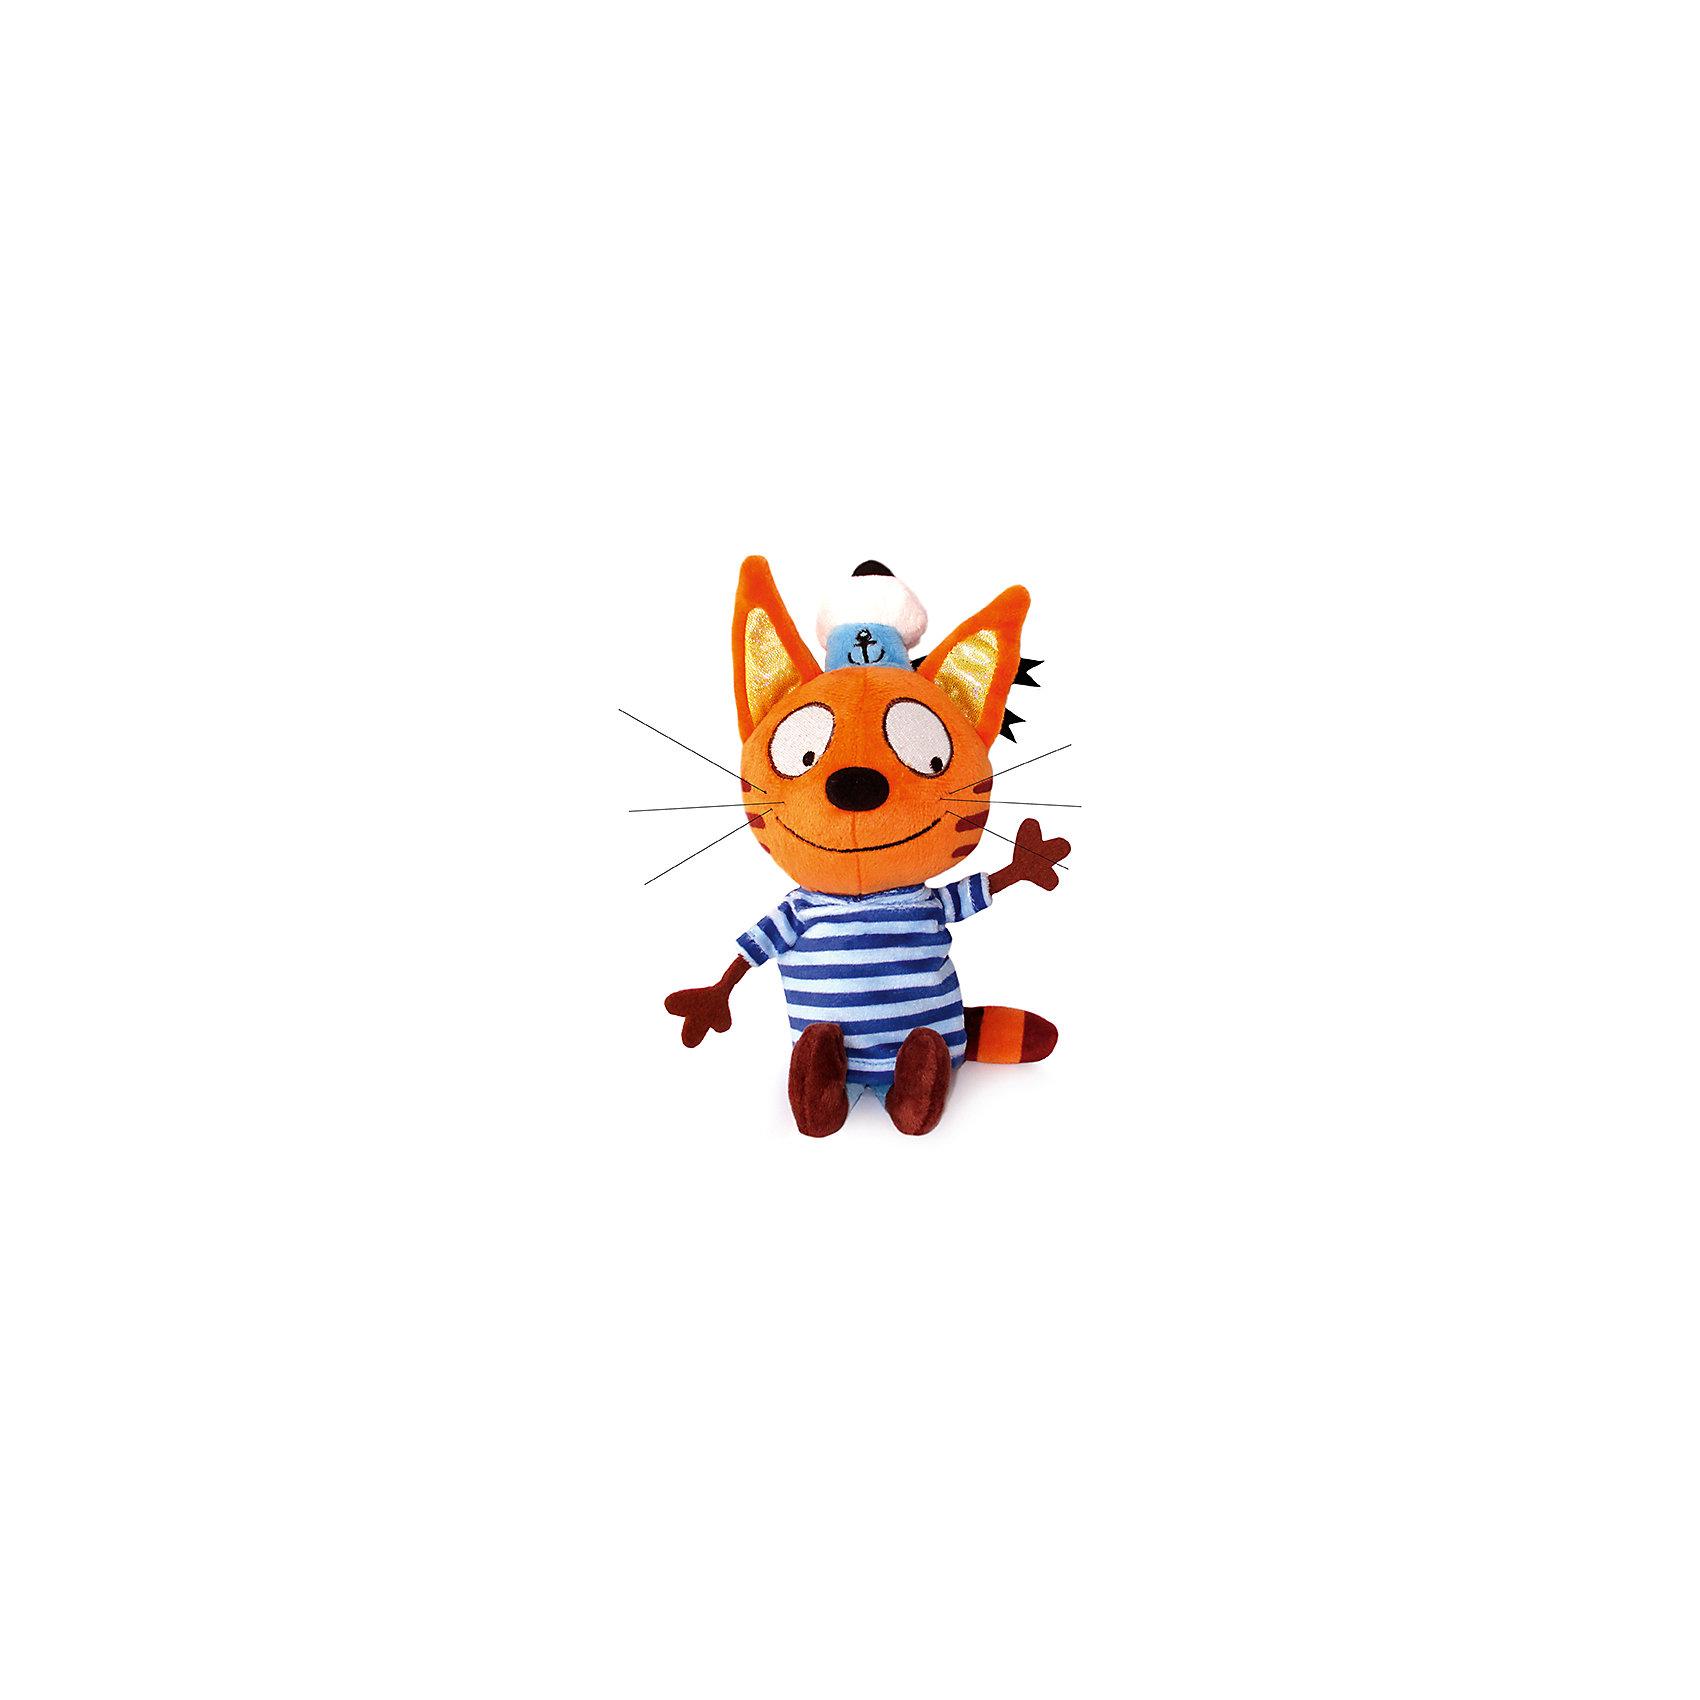 МУЛЬТИ-ПУЛЬТИ Мягкая игрушка Коржик, 3 Кота, Мульти-Пульти, 14 см мульти пульти мягкая игрушка серый мышонок 23 см со звуком кот леопольд мульти пульти